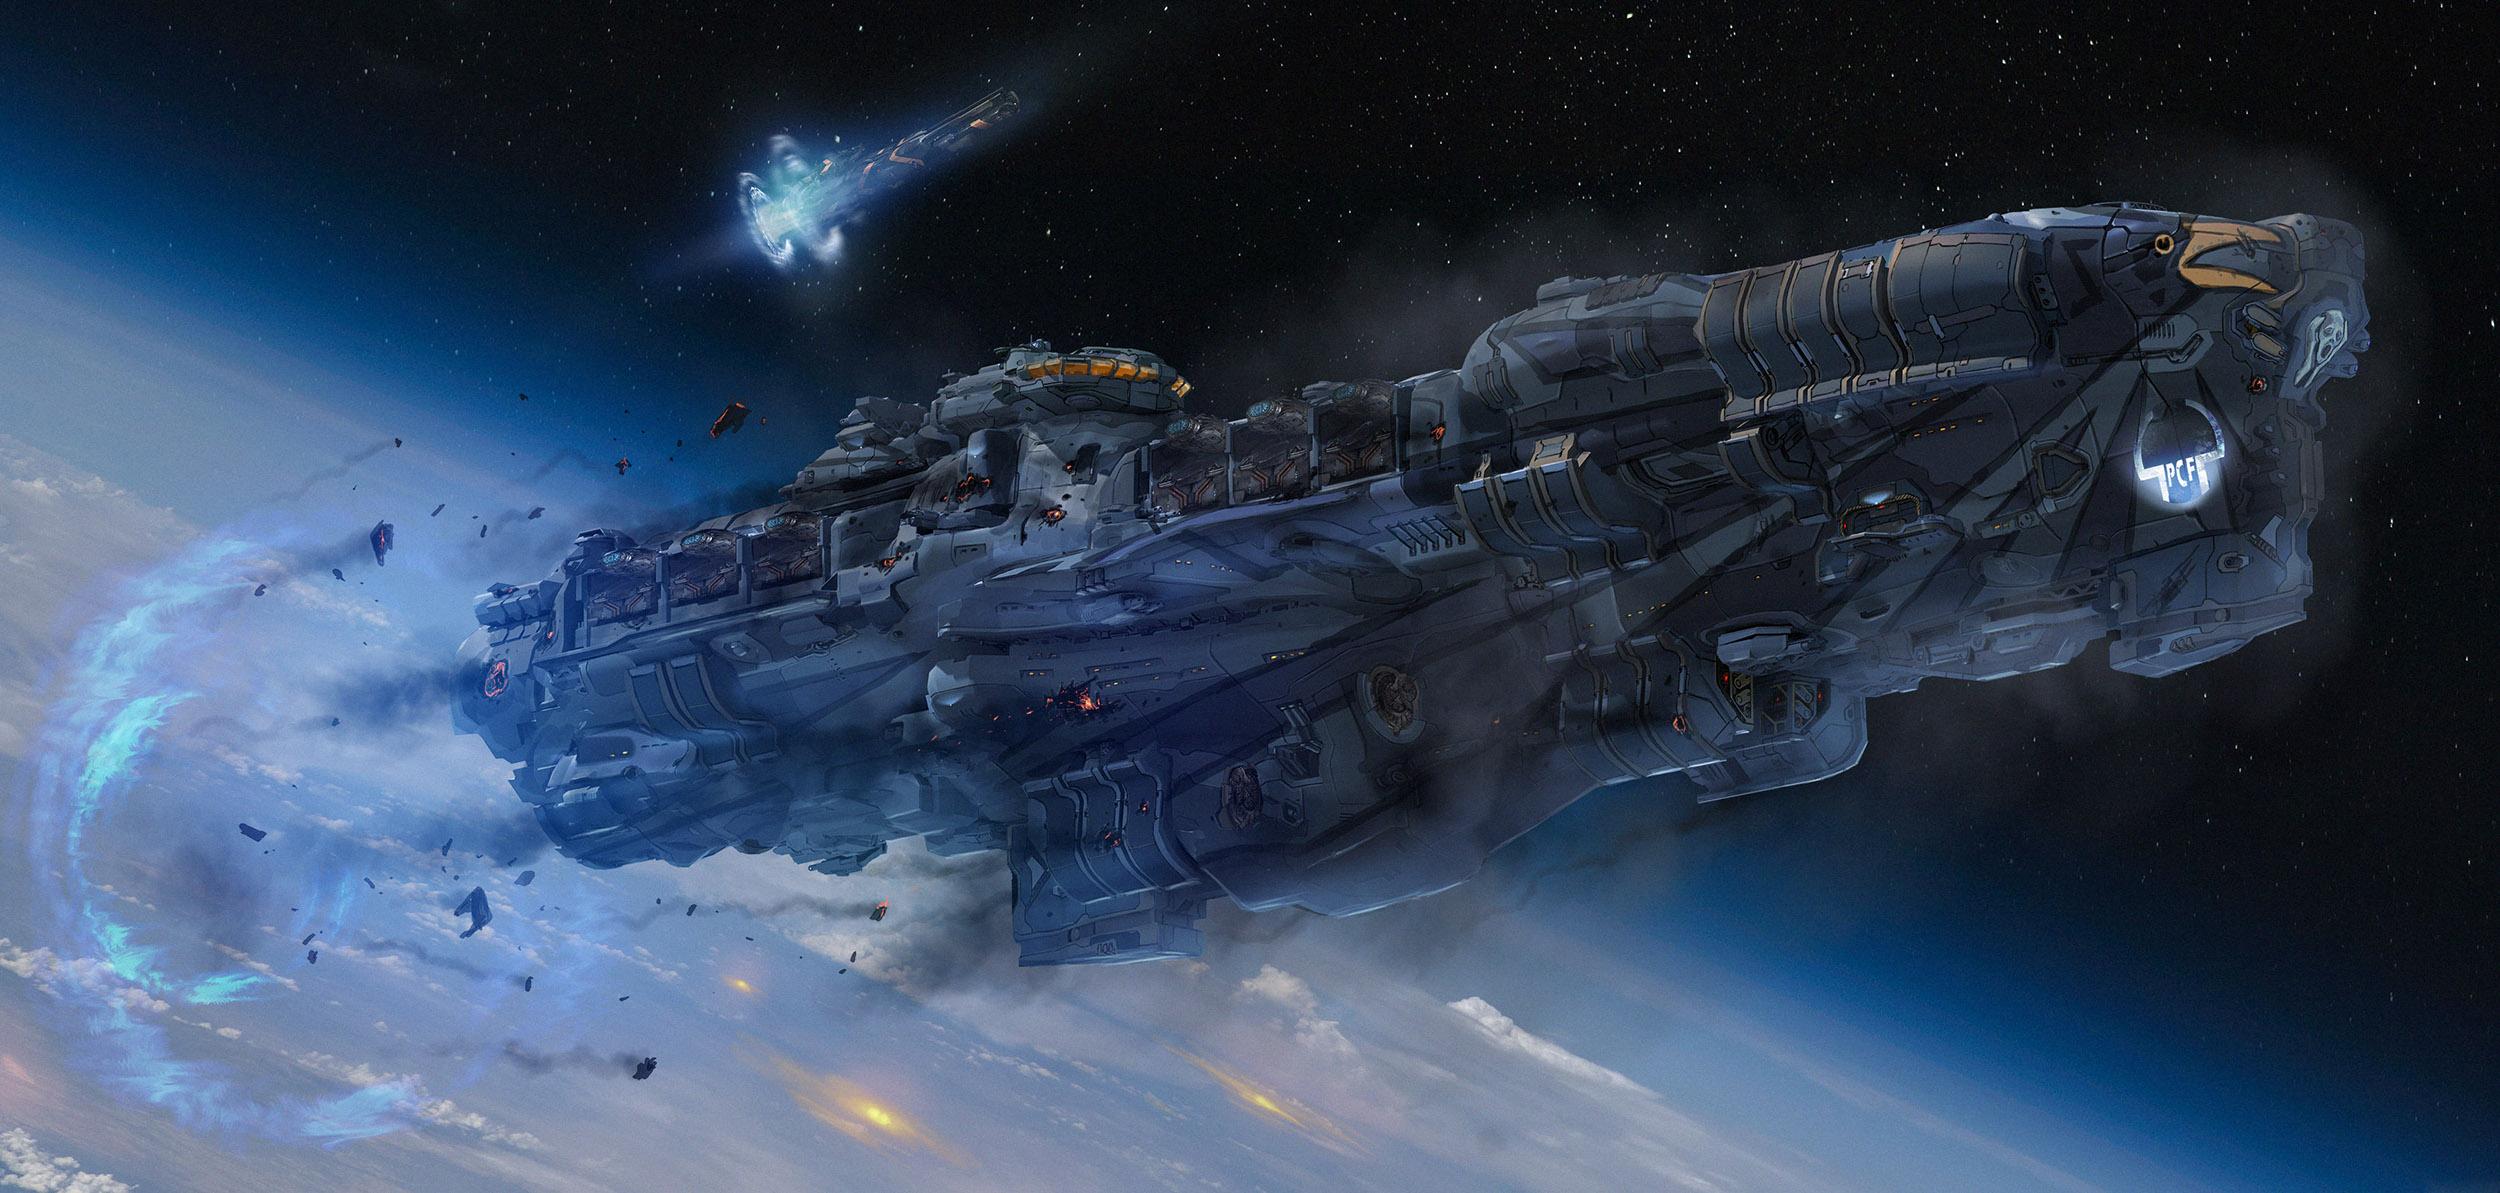 高級感のある宇宙船画像